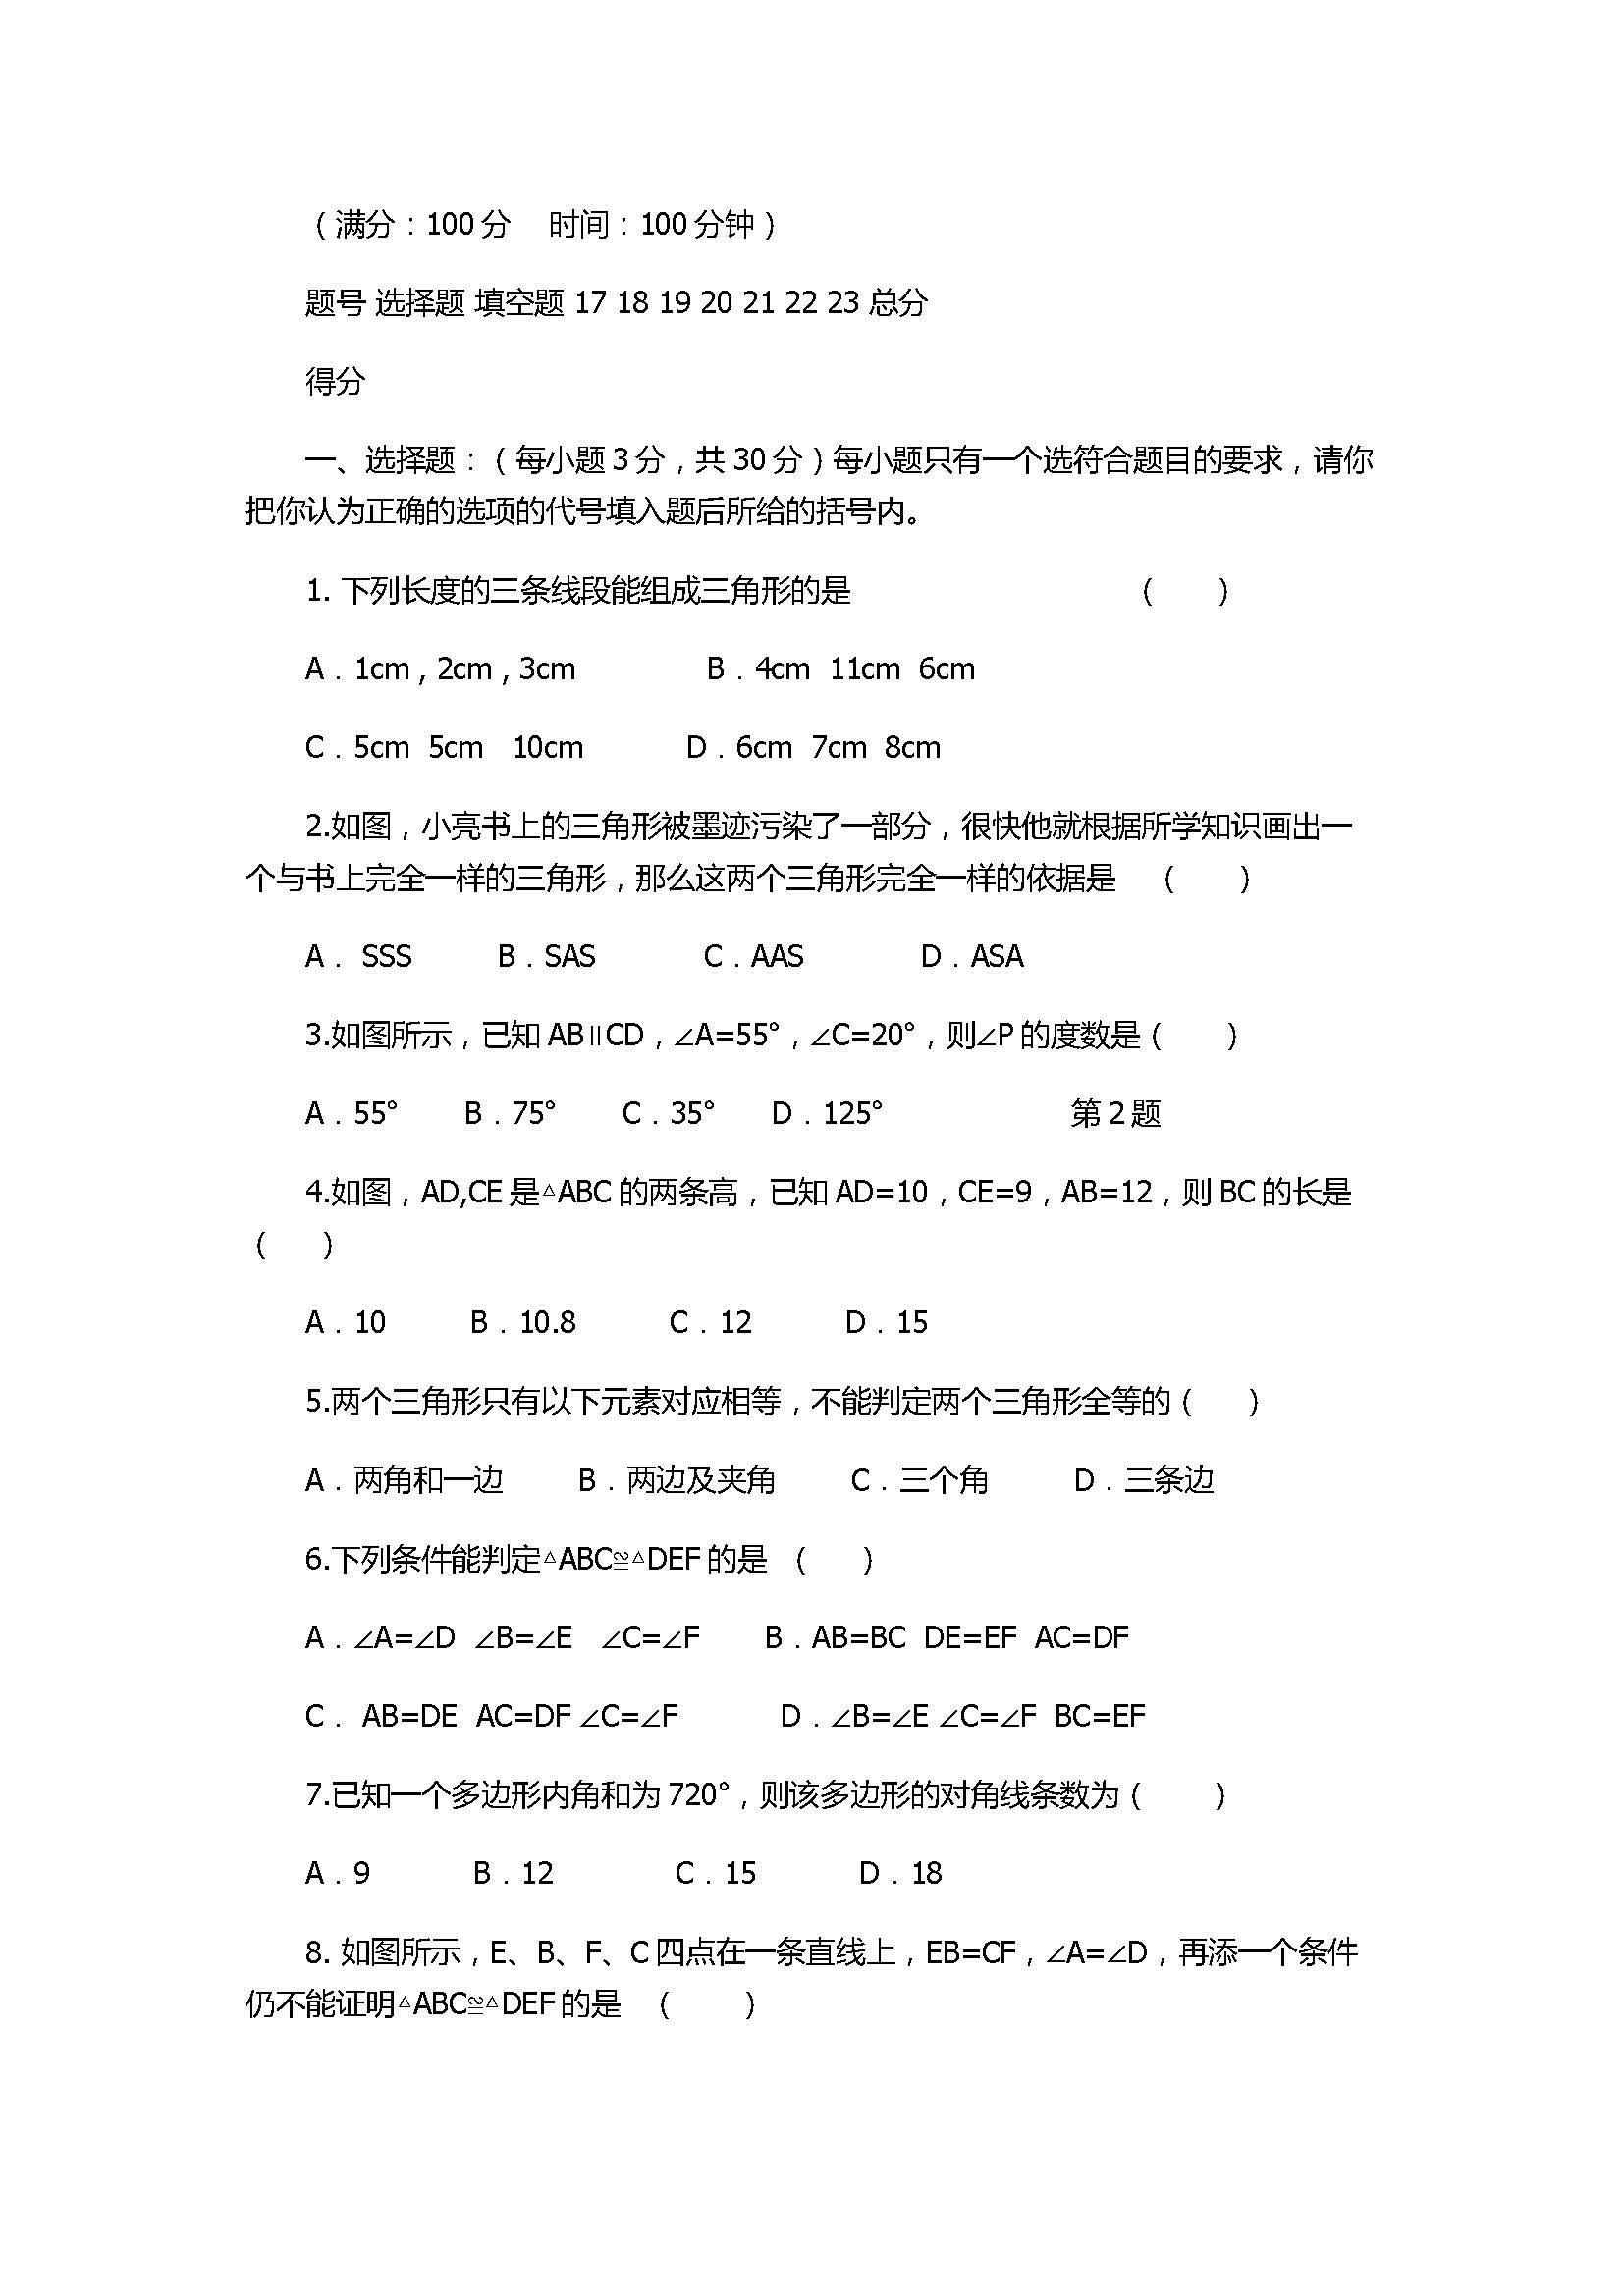 2017八年级数学上册第1次月考测试卷附参考答案(安徽省淮南市)